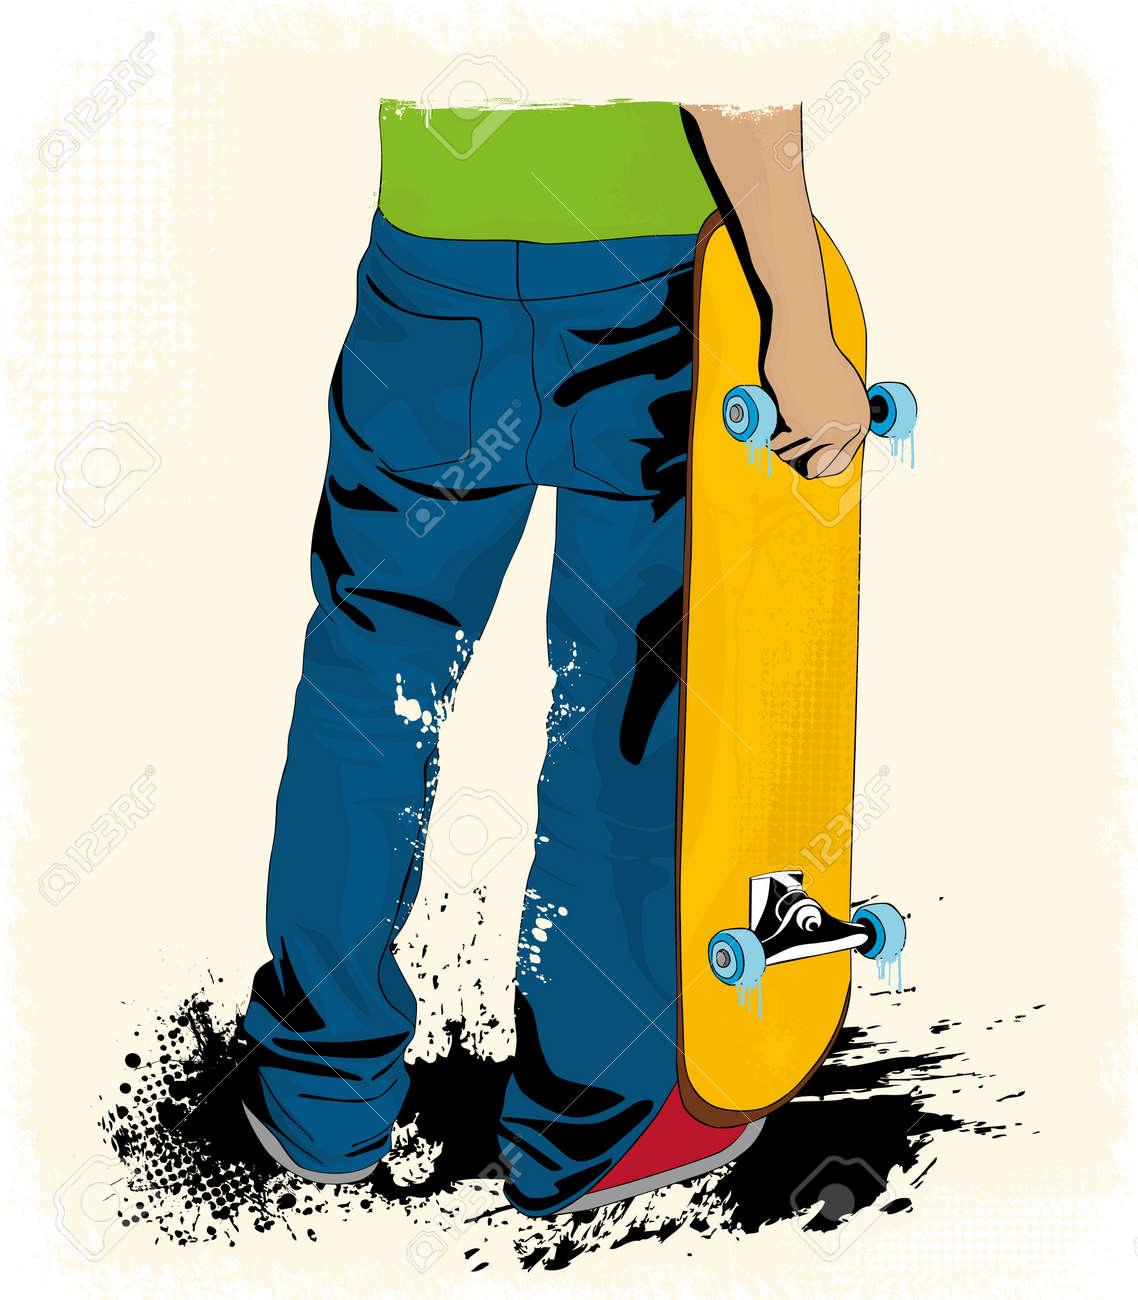 Grunge skate boarding background - 16970171